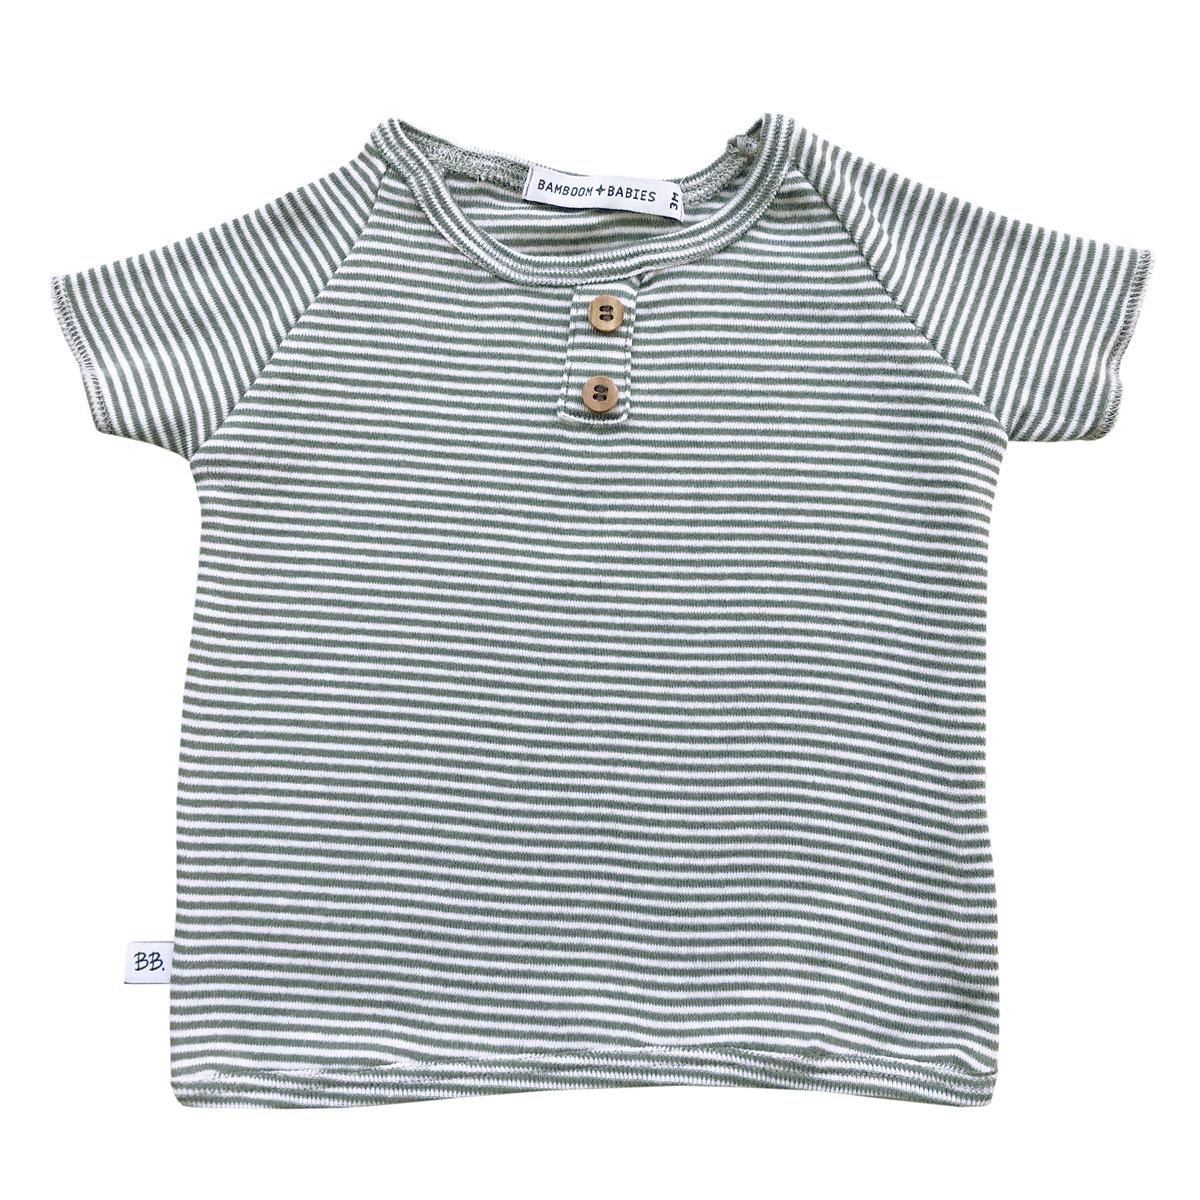 Haut bébé Tee-Shirt Milleraies Vert - 18 Mois Tee-Shirt Milleraies Vert - 18 Mois